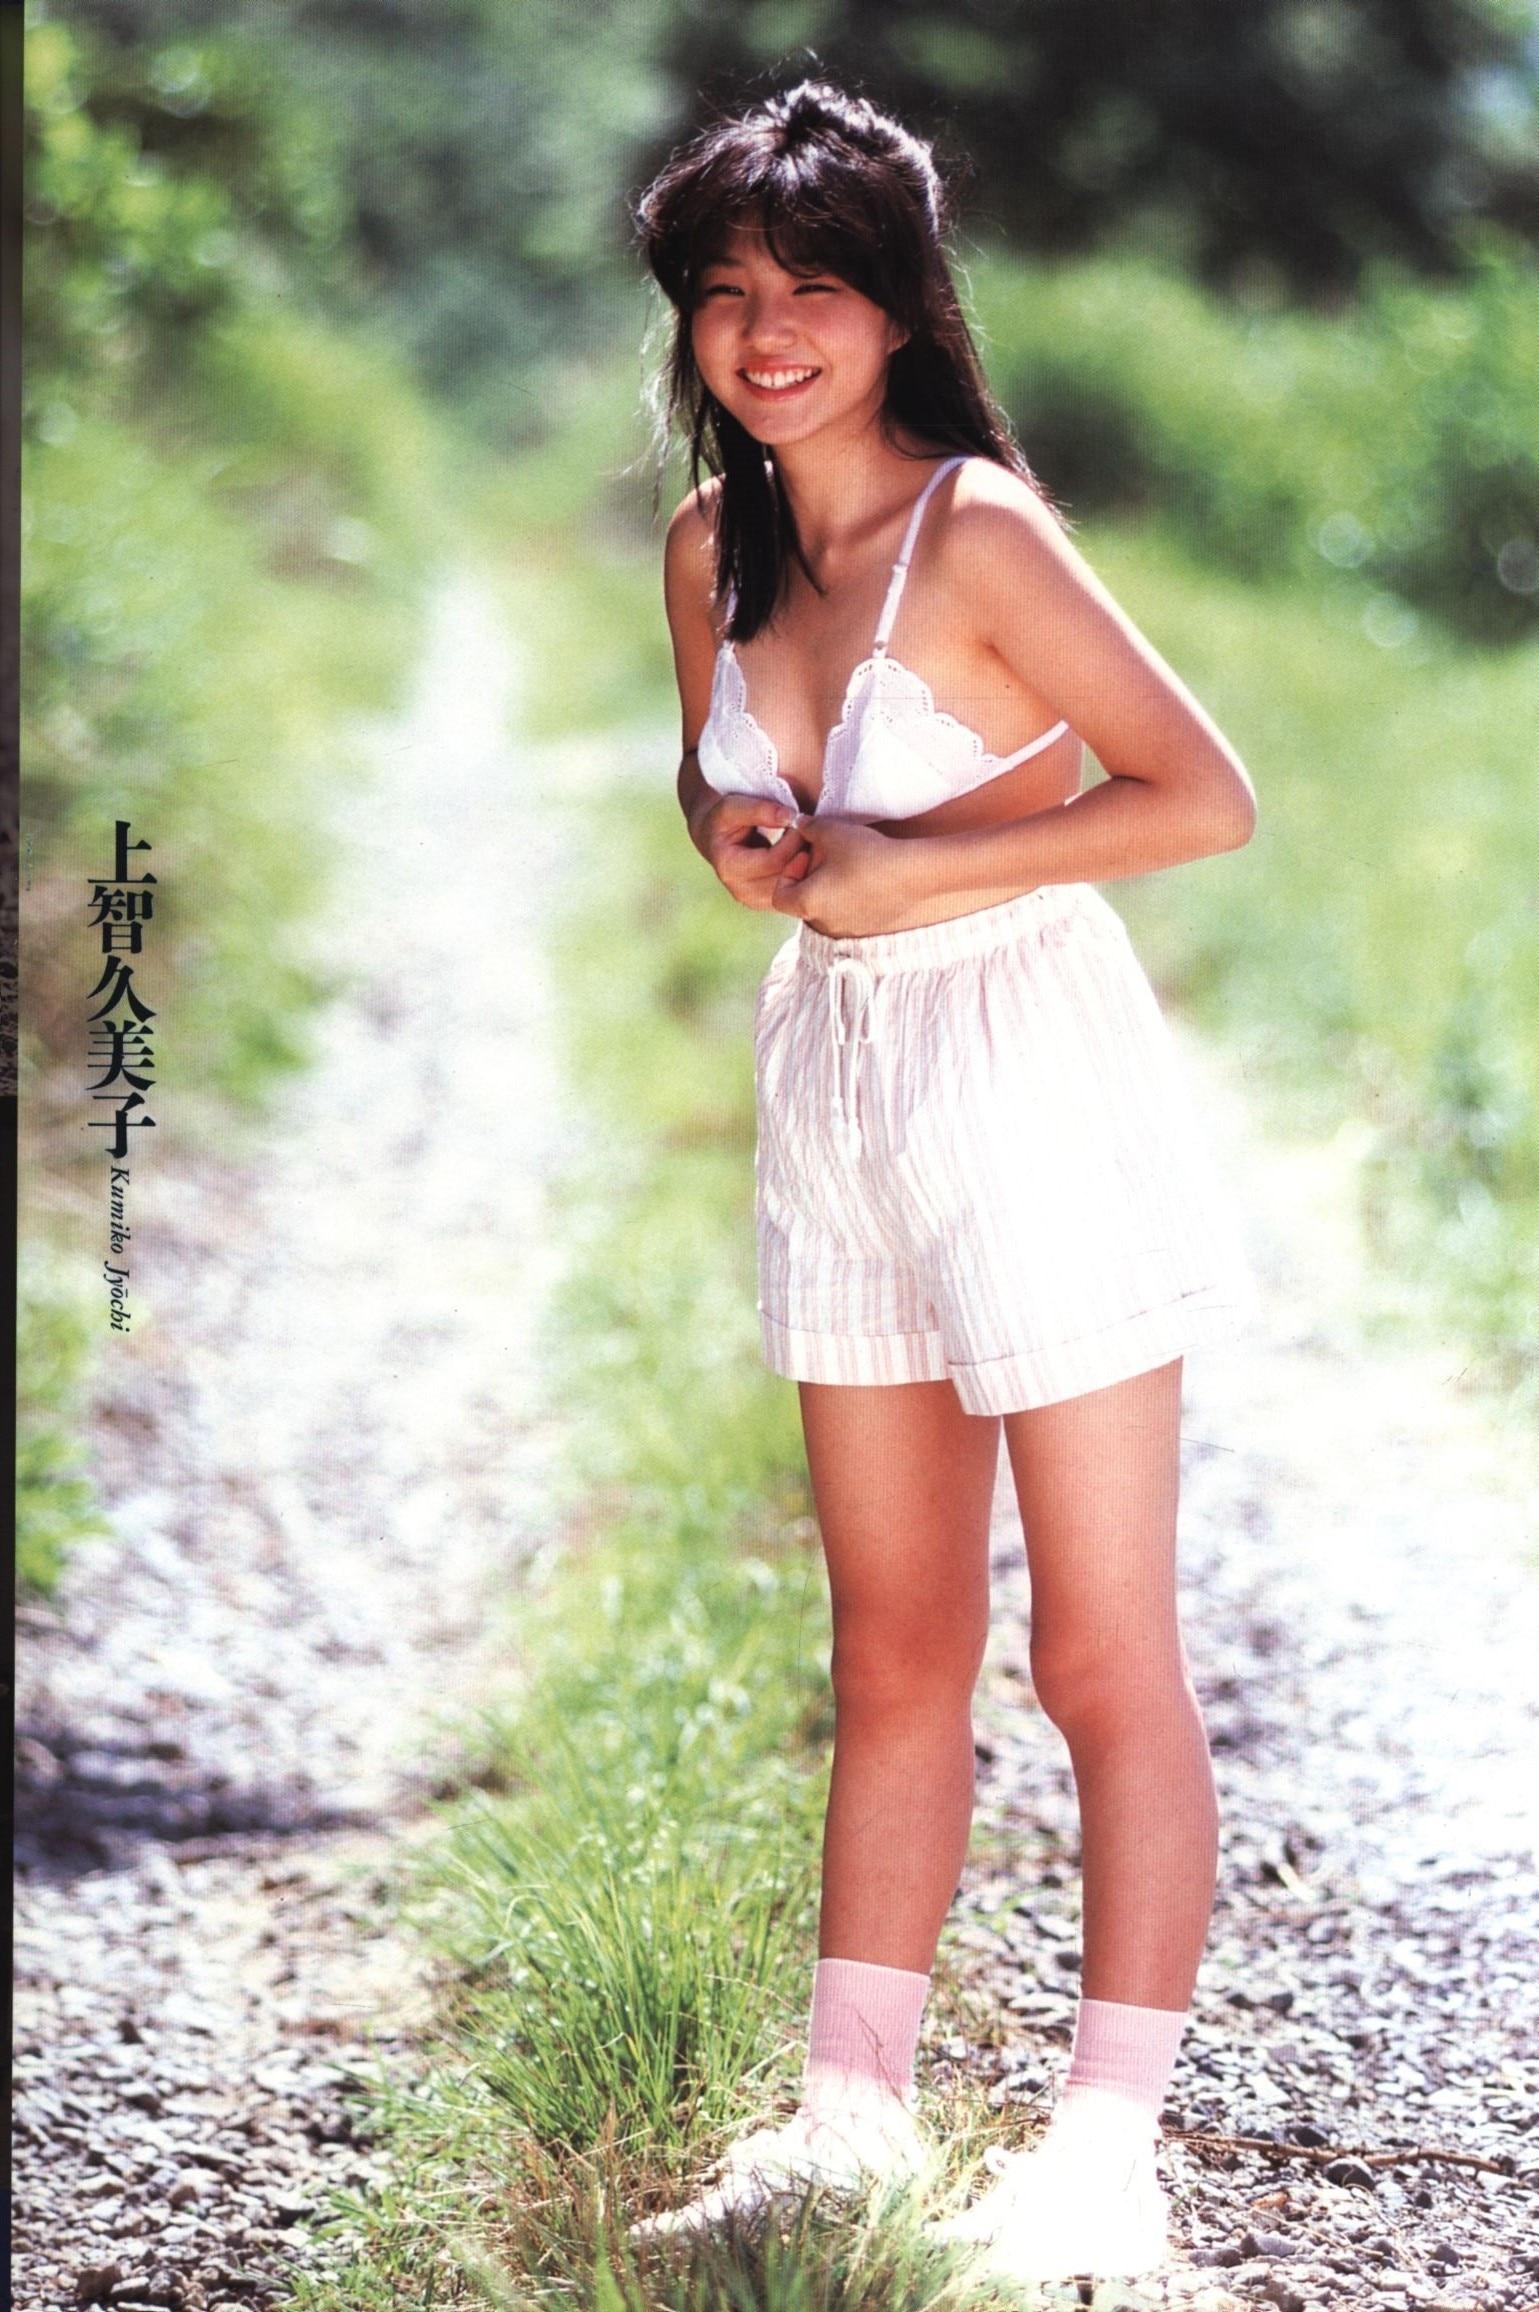 花咲まゆわれめ画像 Aiohotgirl